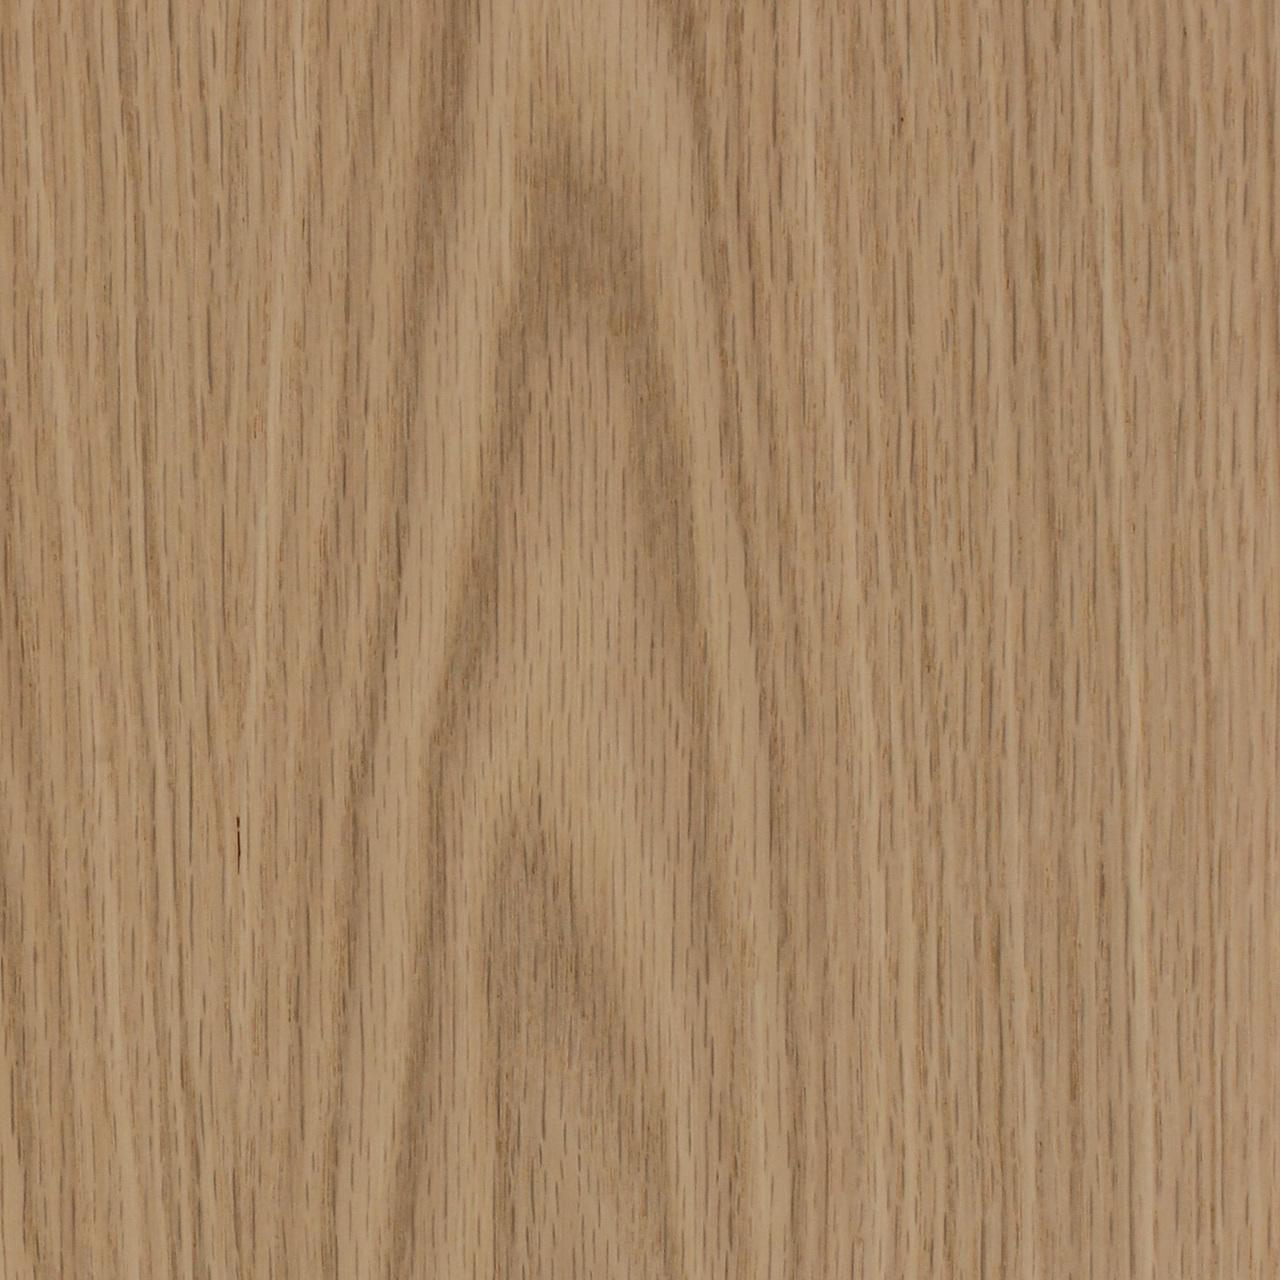 Oak Veneer Images - Reverse Search